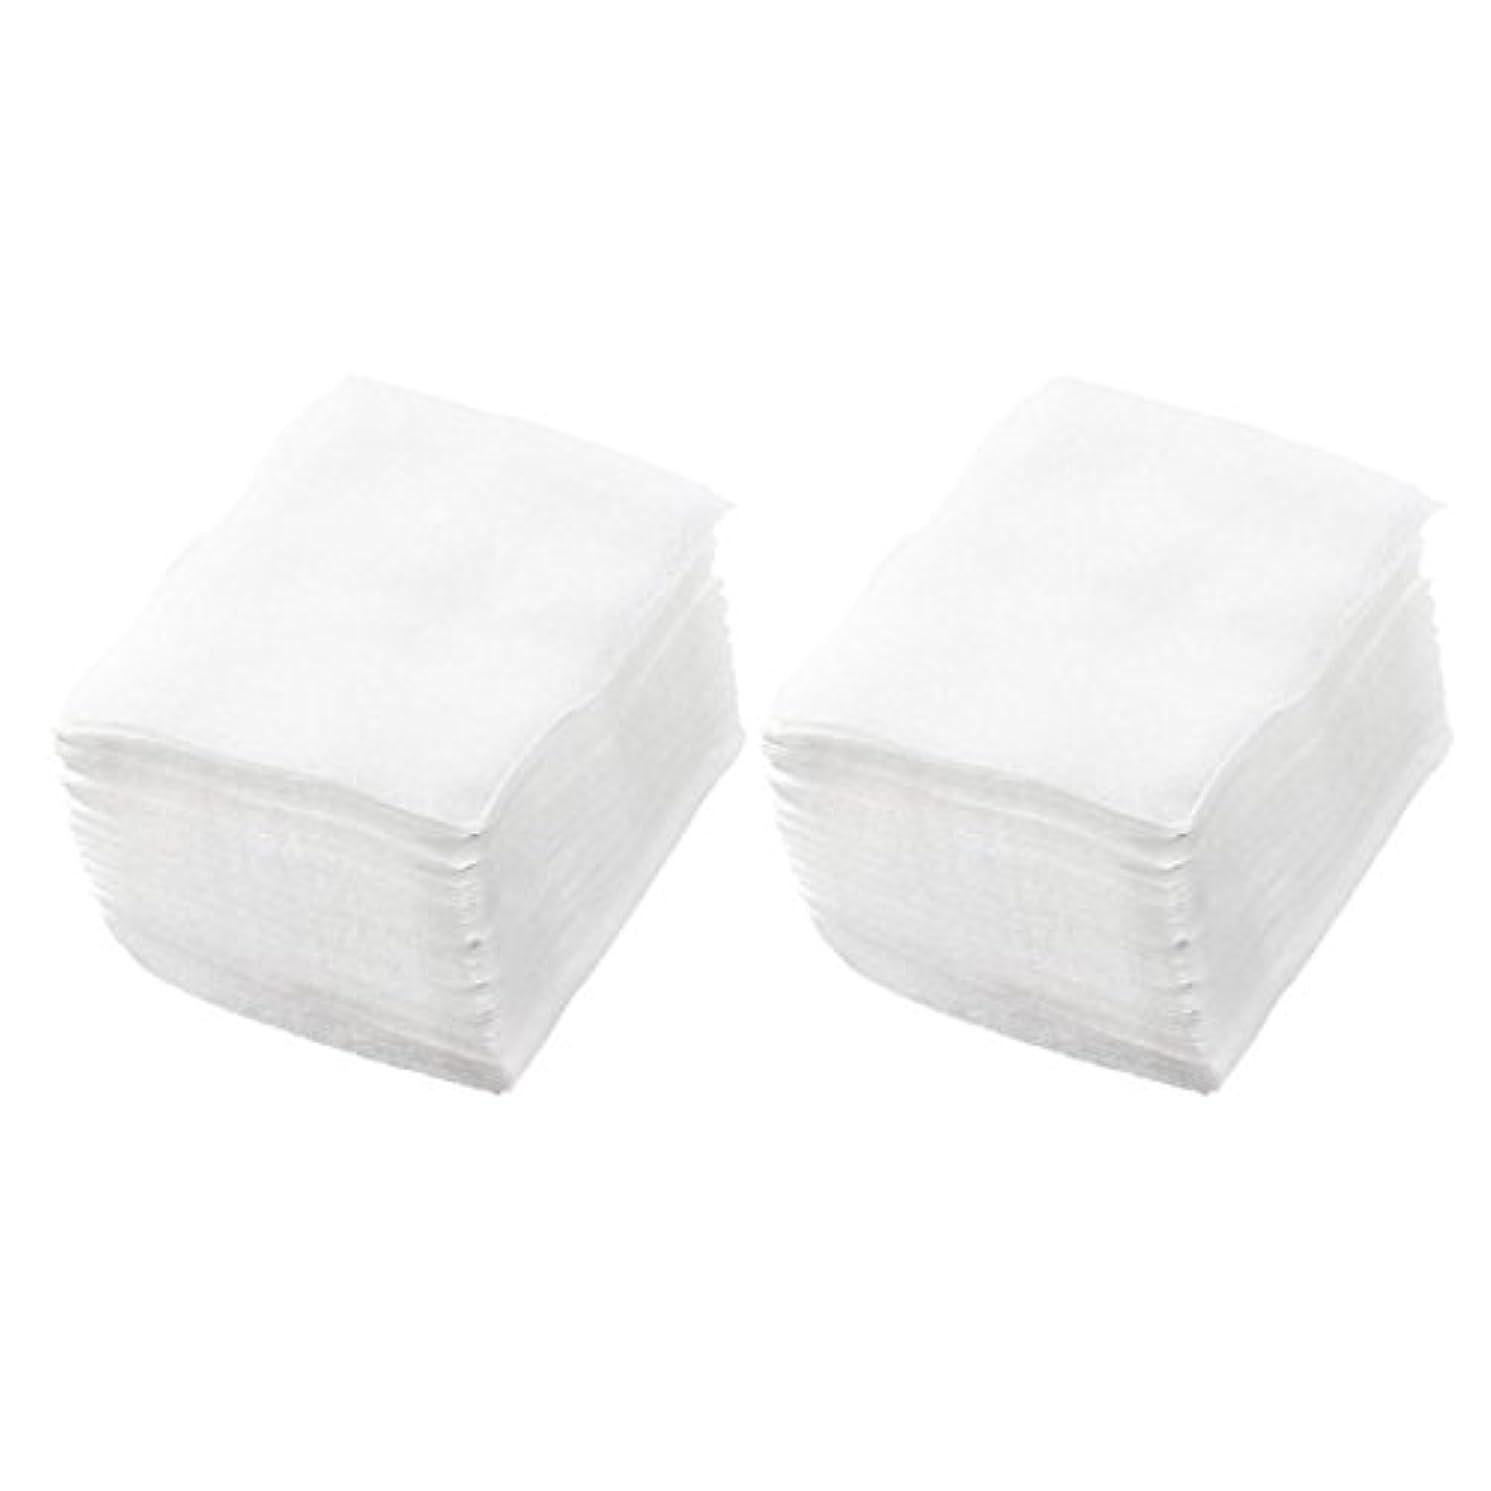 ハプニング骨灰SODIAL(R) 320個 レディ ホワイト ネイルポリッシュリムーバ 長方形フェイスクリーニング コットンパッド